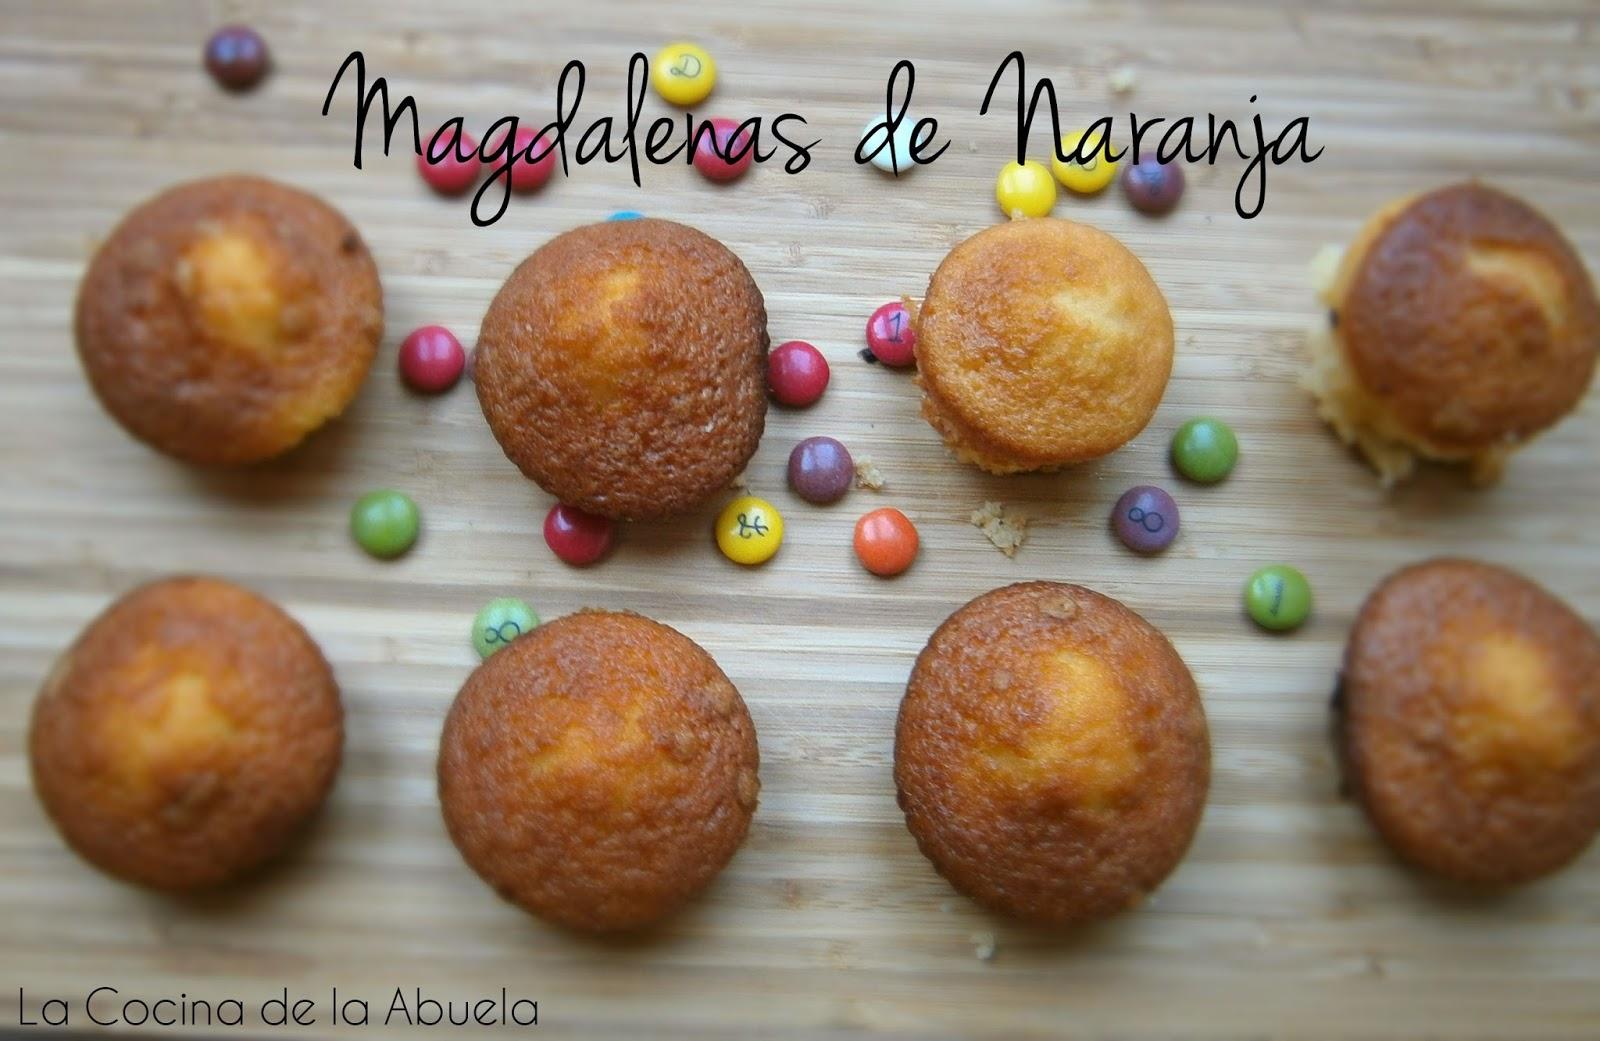 Magdalenas de naranja tradicionales la cocina de la abuela - Madalenas o magdalenas ...